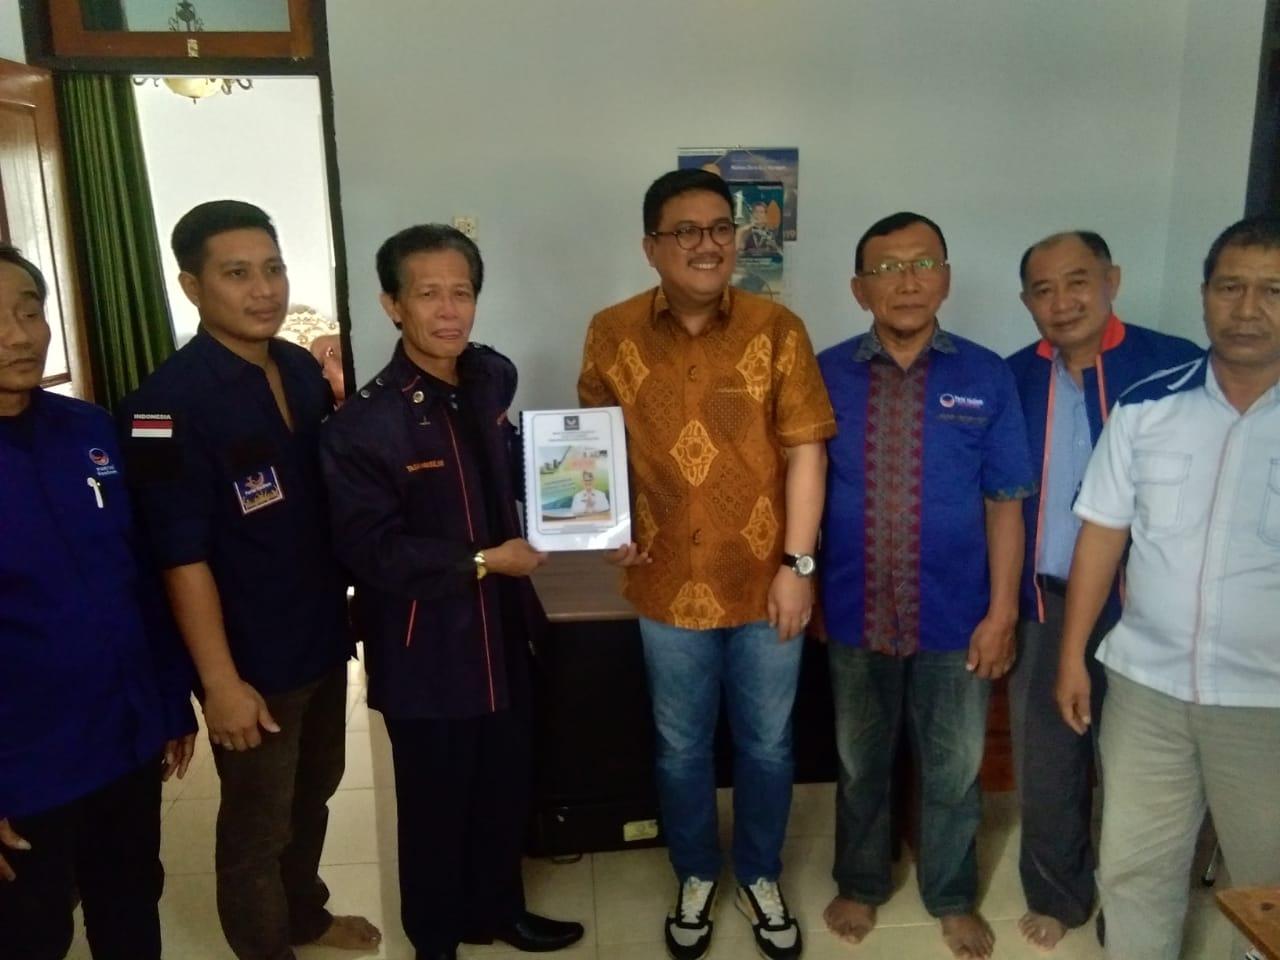 Ketgam : Tim Surunuddin Dangga saat mendaftar di DPD Partai Nasdem Kabupaten Konawe Selatan.